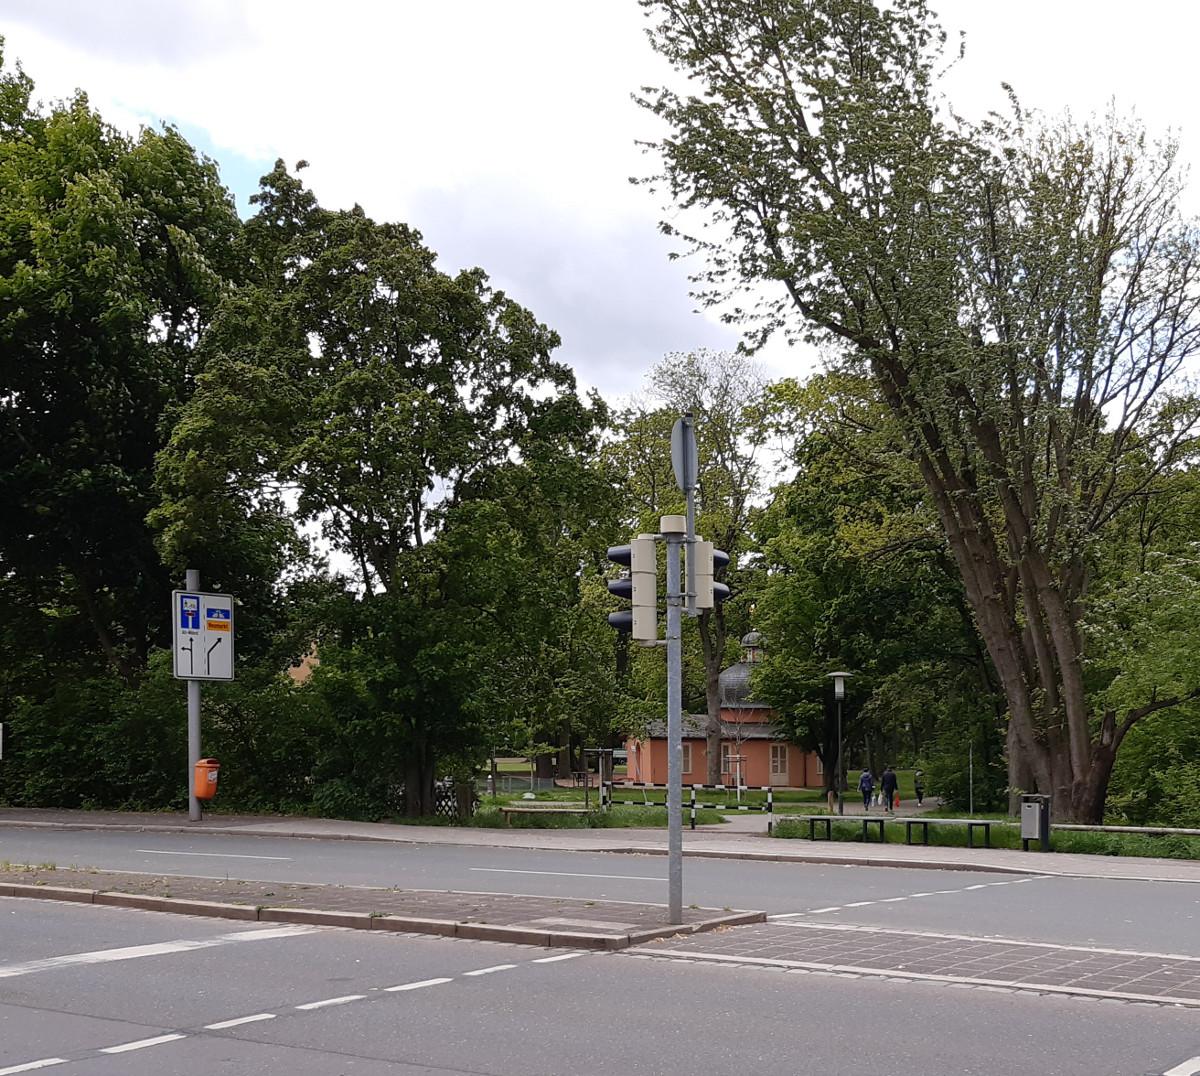 2021-05-28-11-57-20-8Cramer-Klett-Park.jpg - Atelier Haberbosch Nürnberg